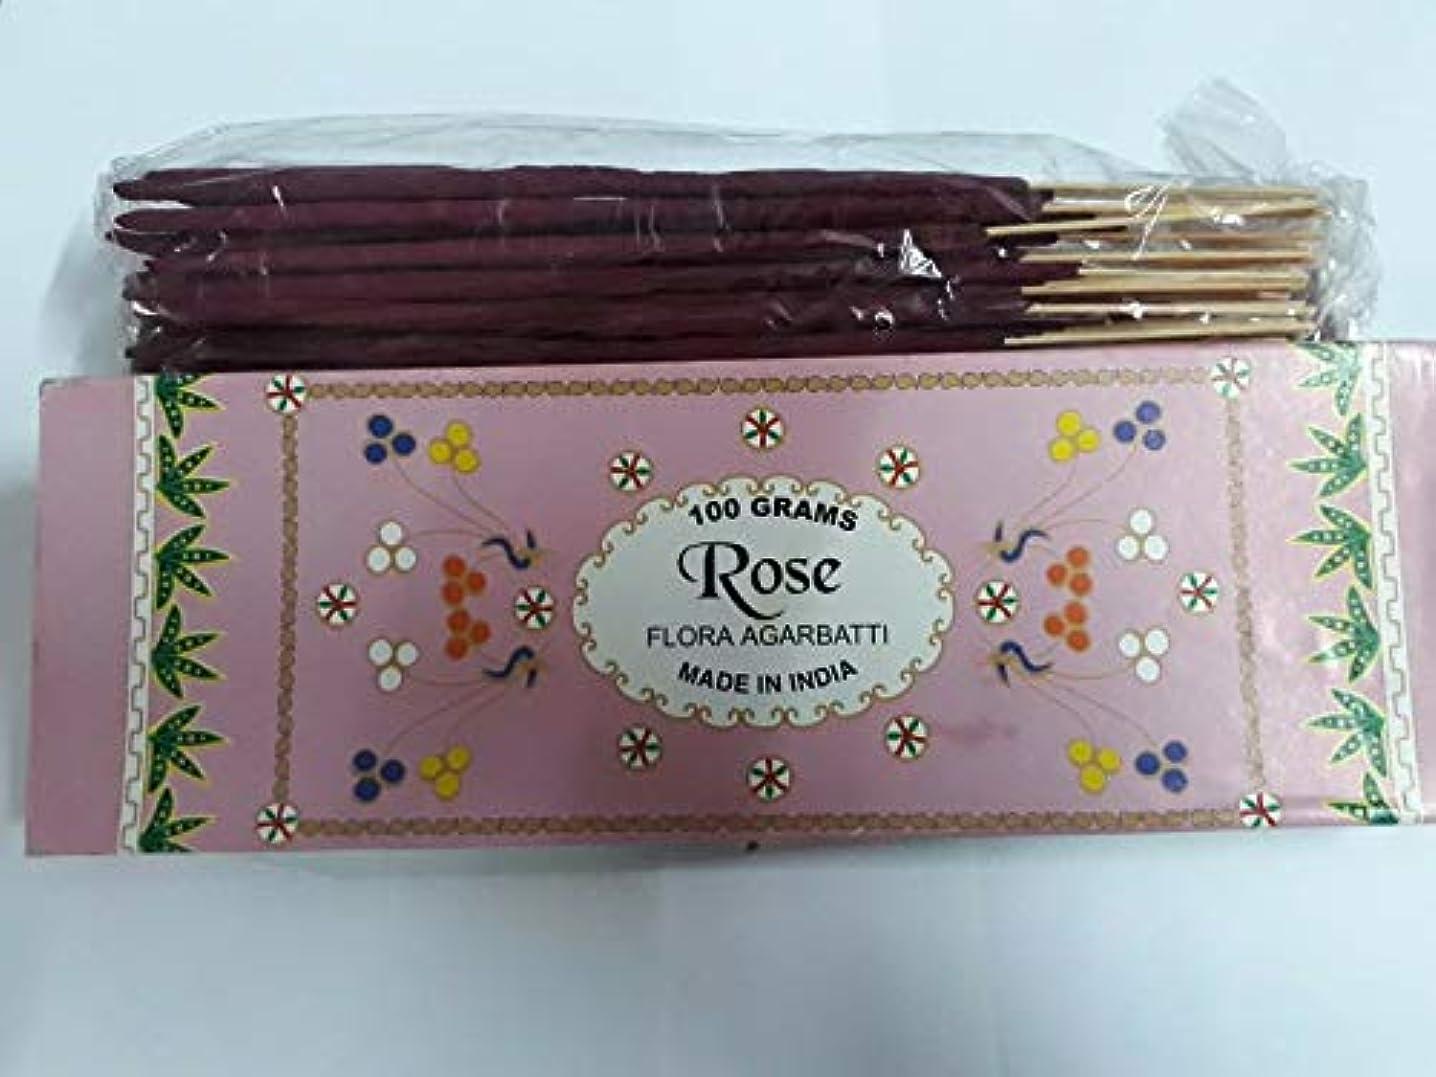 メッシュ一般削減Rose (Gulaab) ローズ Agarbatti Incense Sticks 線香 100 grams Flora フローラ Incense Agarbatti